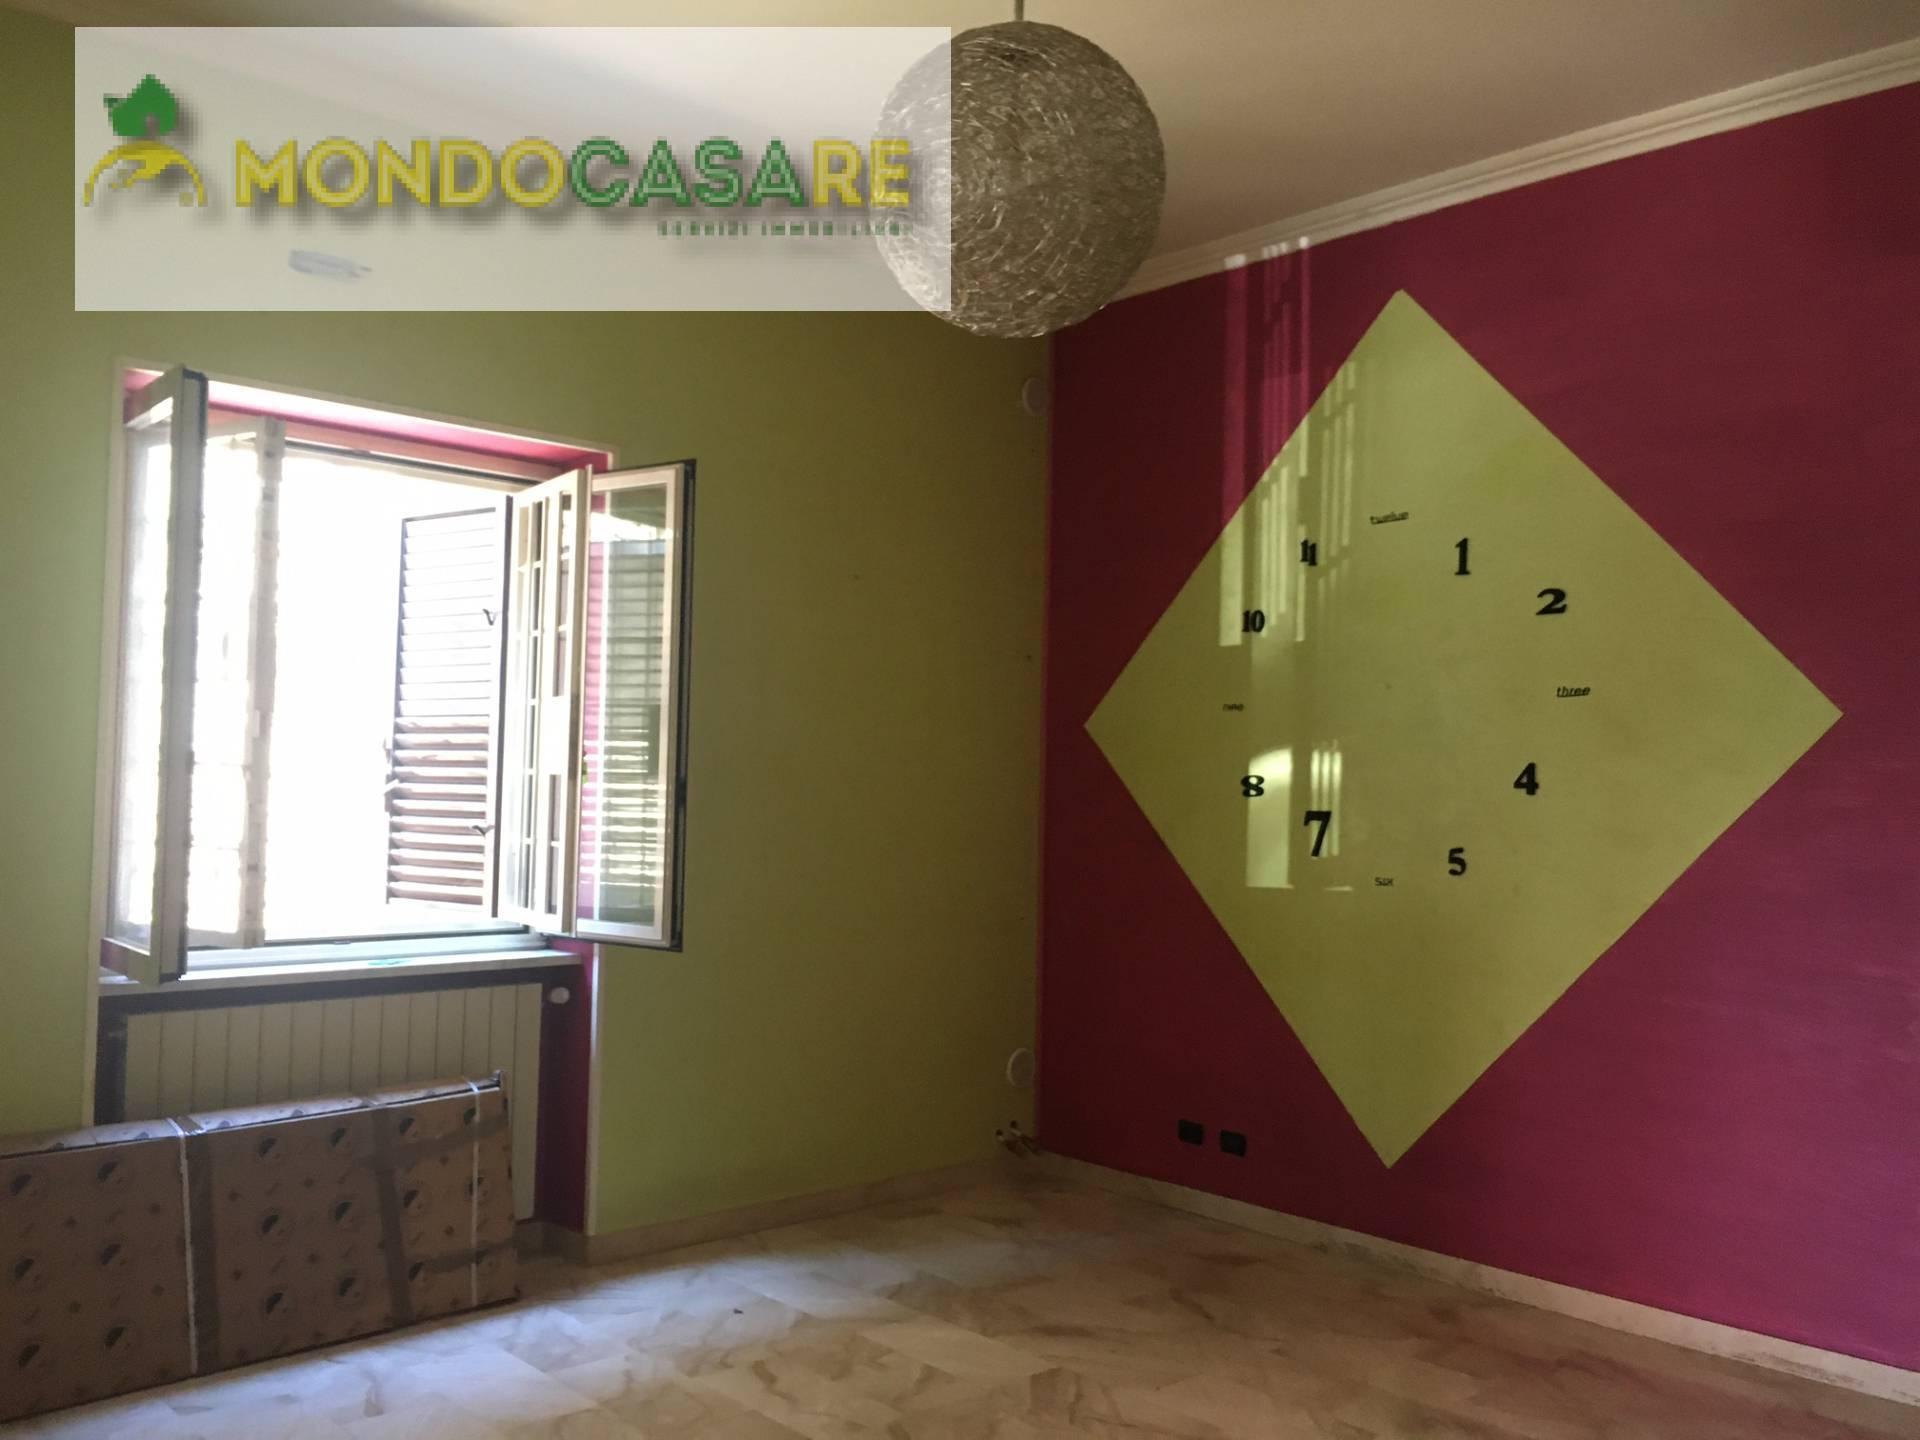 Appartamento in vendita a Marcellina, 3 locali, zona Località: ZonaMarcellinaA, prezzo € 119.000 | CambioCasa.it